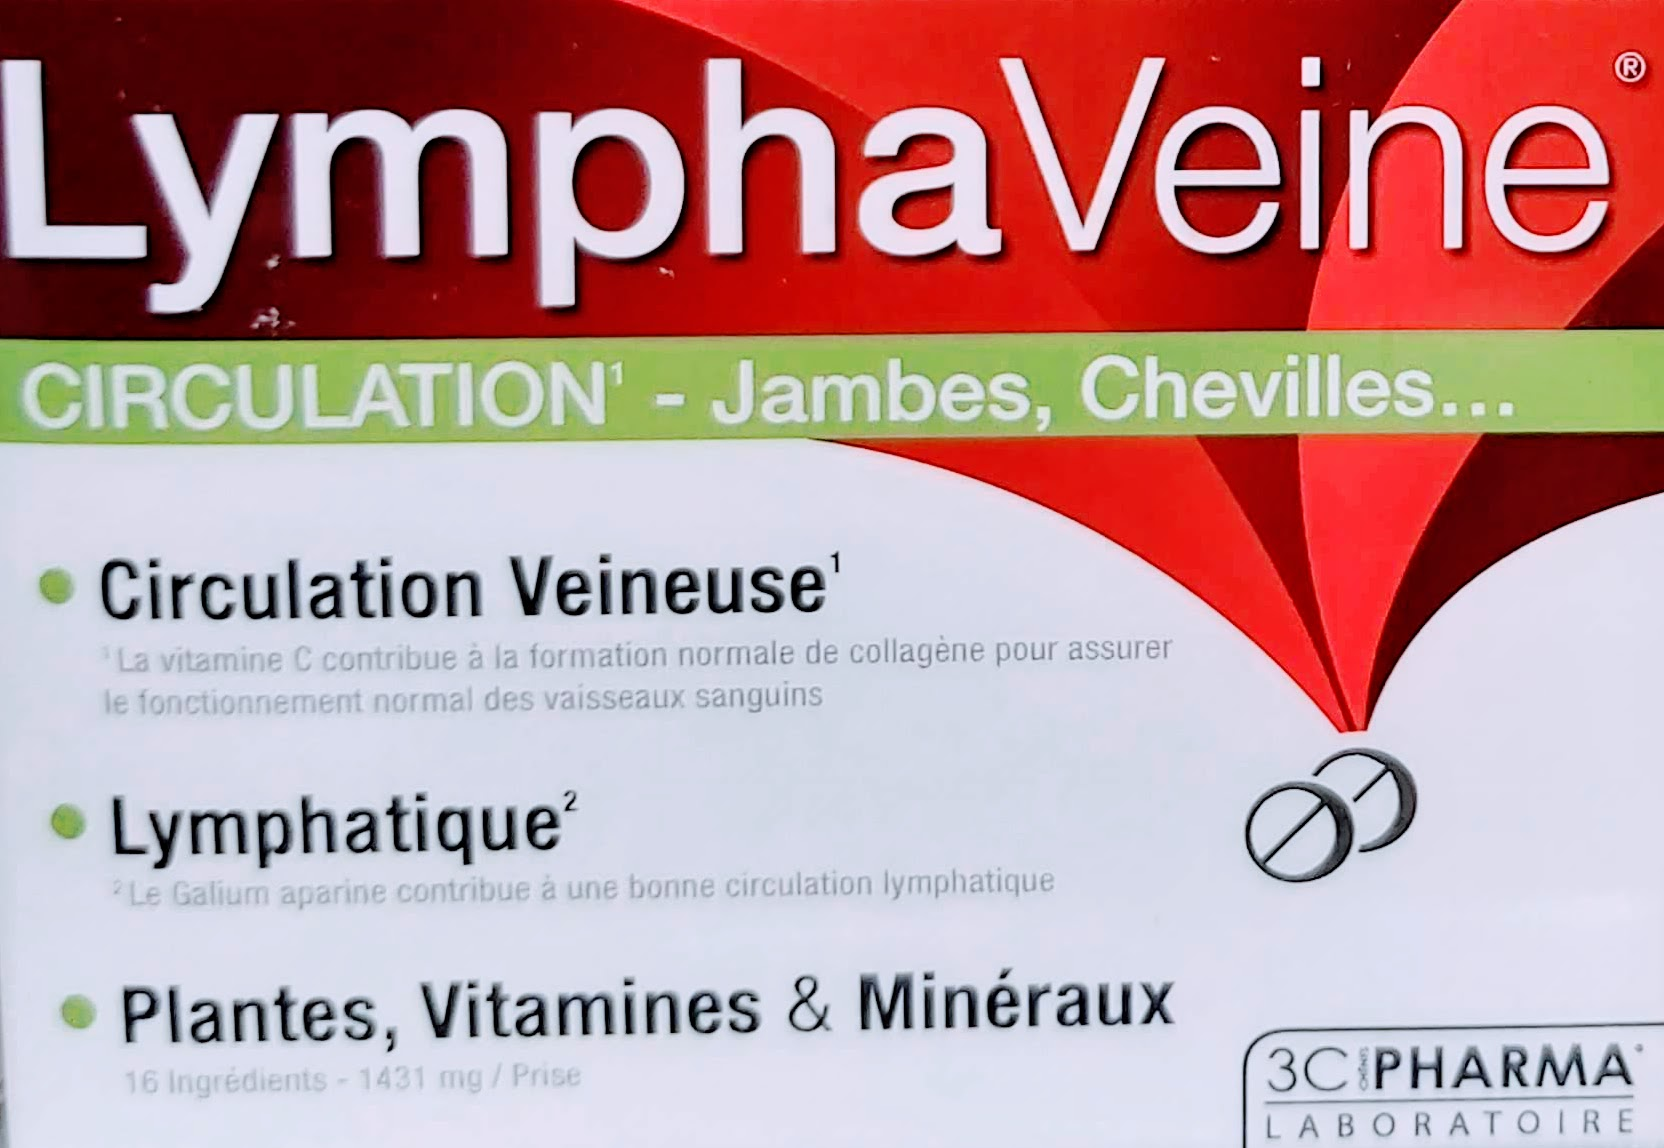 Comprar 3C PHARMA LYMPHAVEINE 60 COMPRIMIDOS Circulación piernas tobillos mejorar la Circulación venosa el galium aparina contribuye a mejorar la circulación linfática